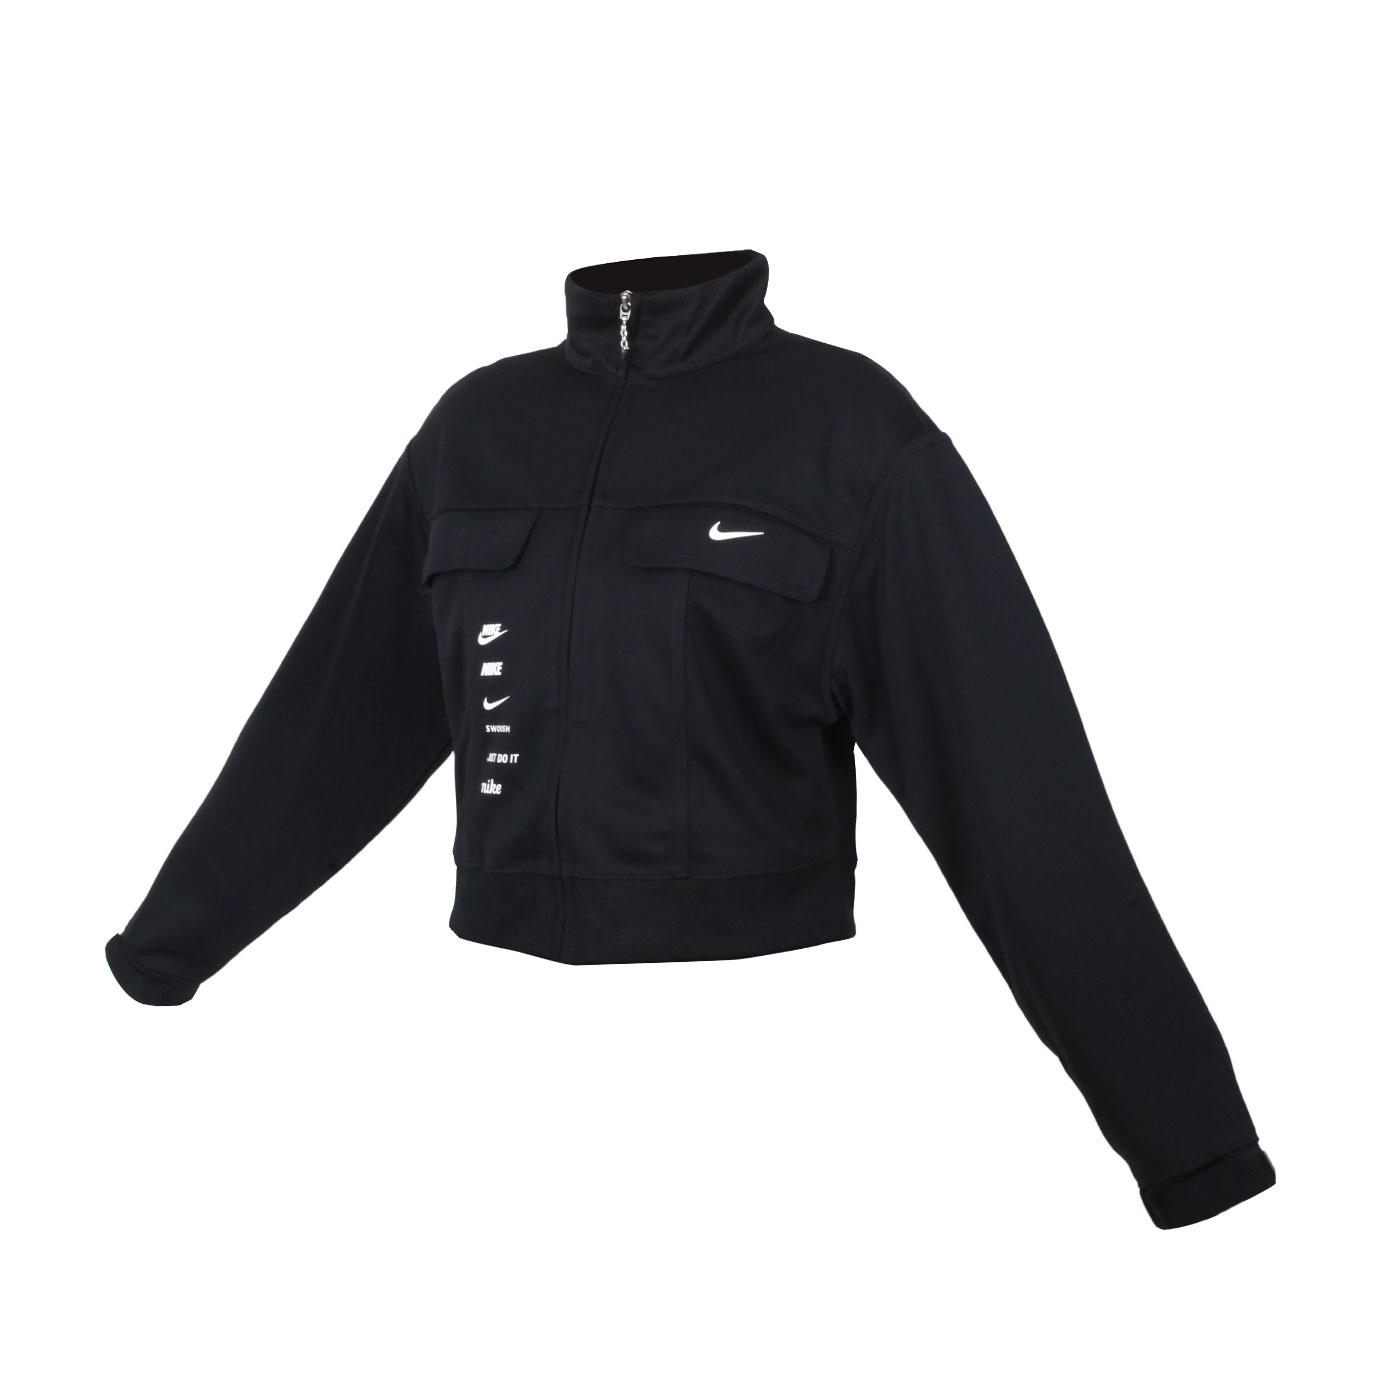 NIKE 女款短版外套 CU5679-010 - 黑白